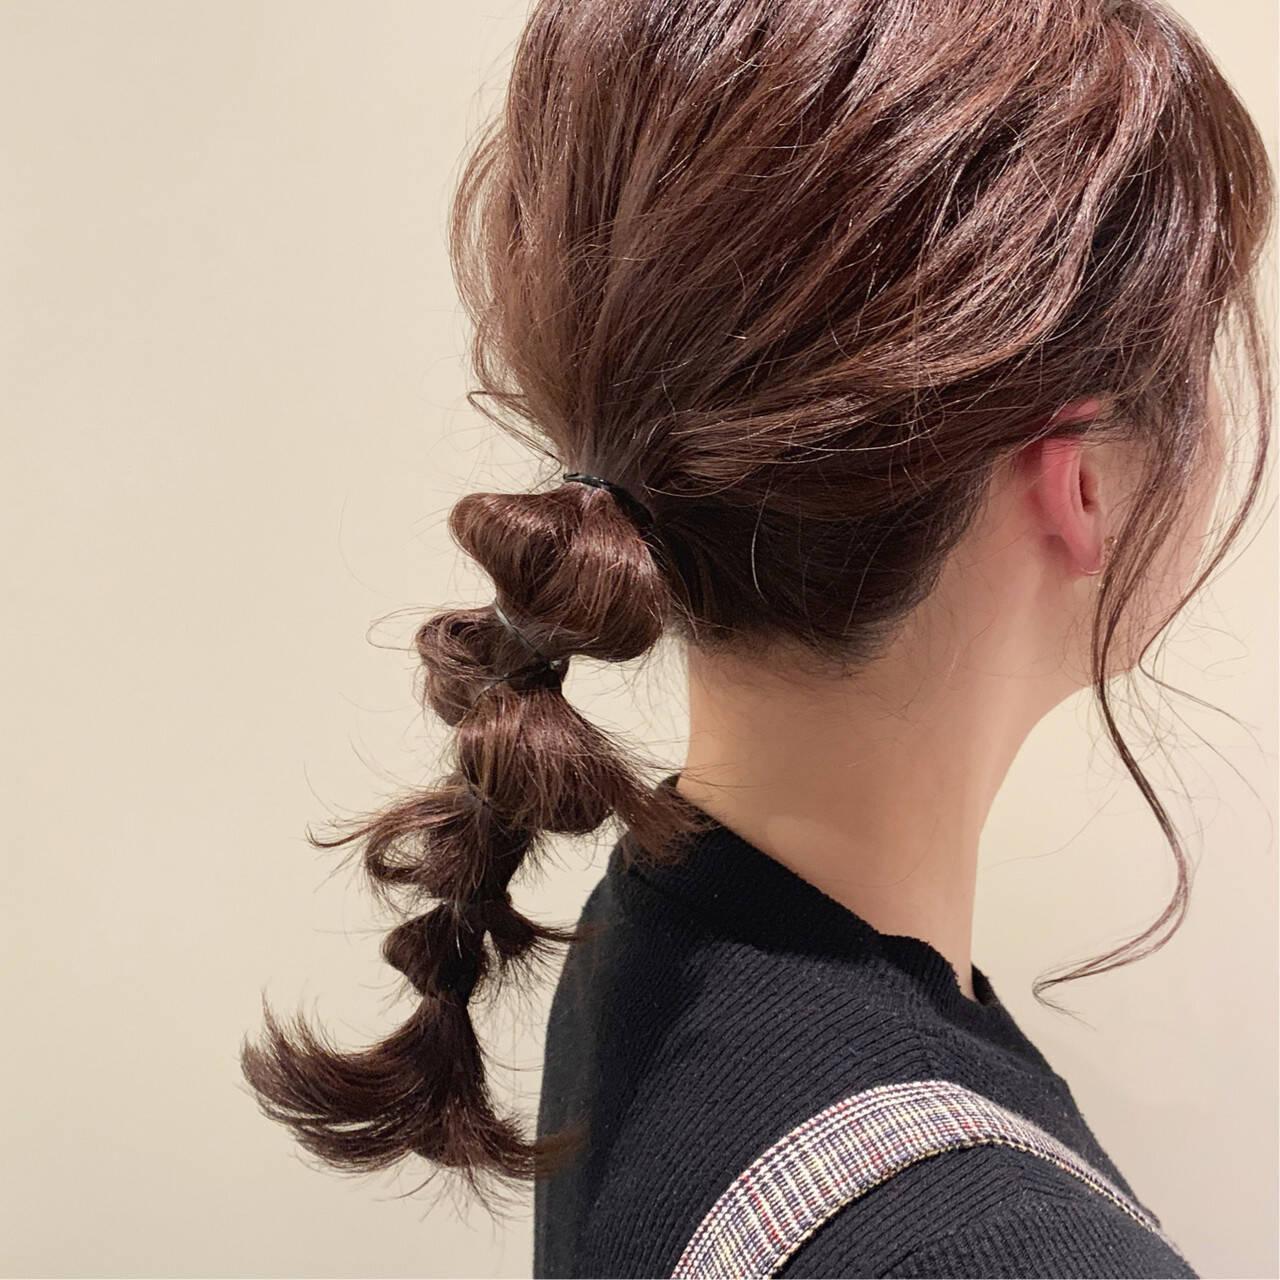 ラベンダーアッシュ セミロング ラーメンマンヘア ロブヘアスタイルや髪型の写真・画像